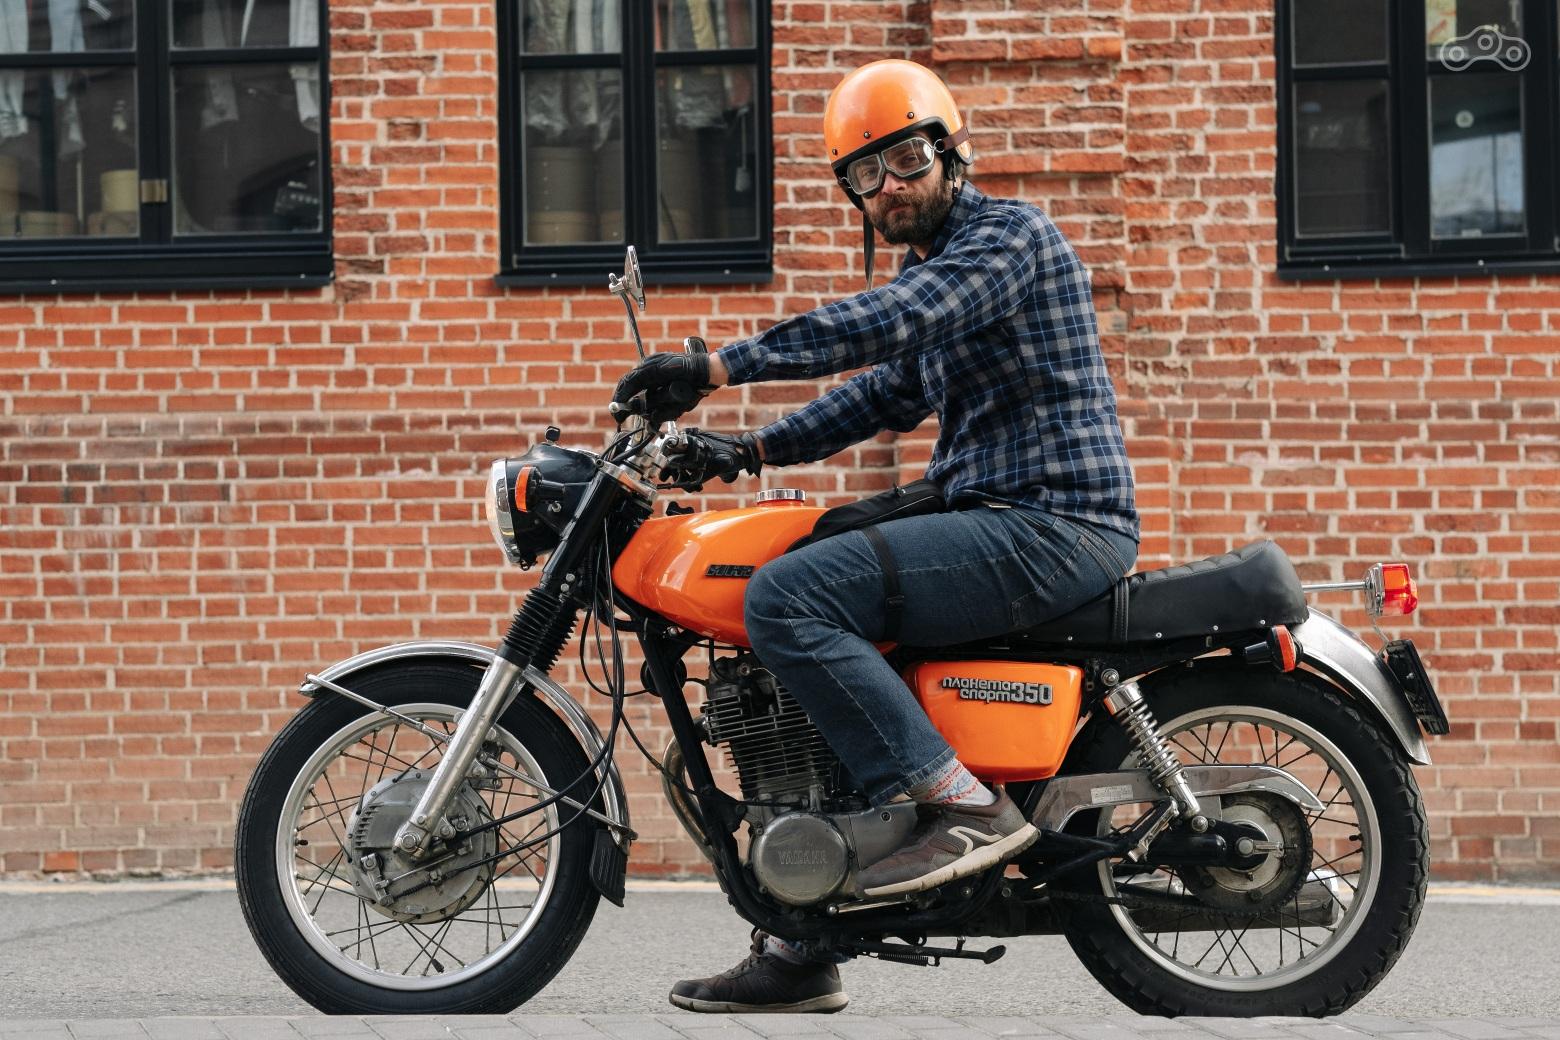 """Порадовал батю: взял старую Yamaha и превратил ее в ИЖ """"Планета-Спорт""""!"""